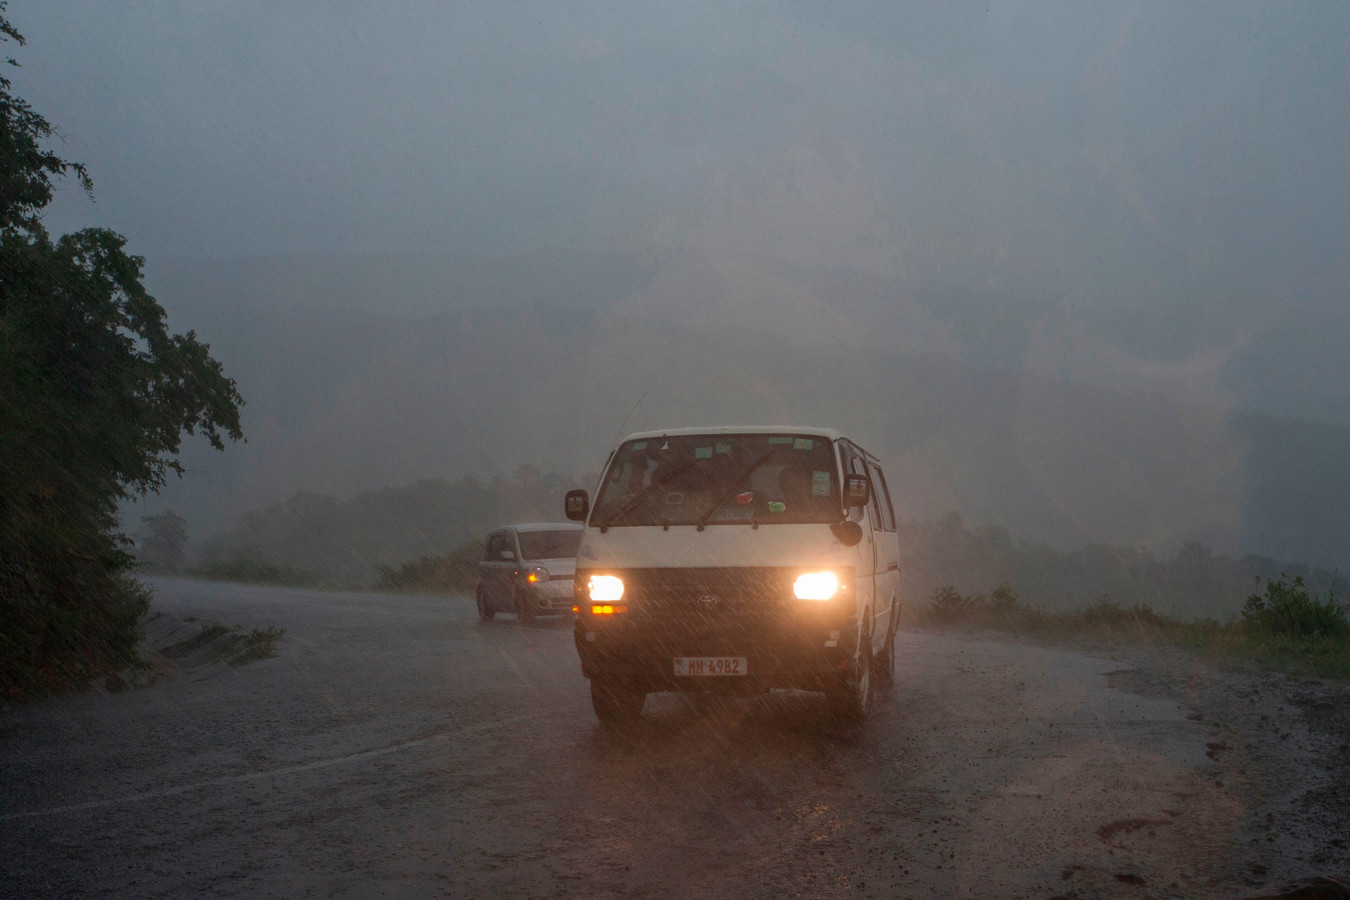 Verwoestende Cycloon Eist Negentien Levens In Mozambique